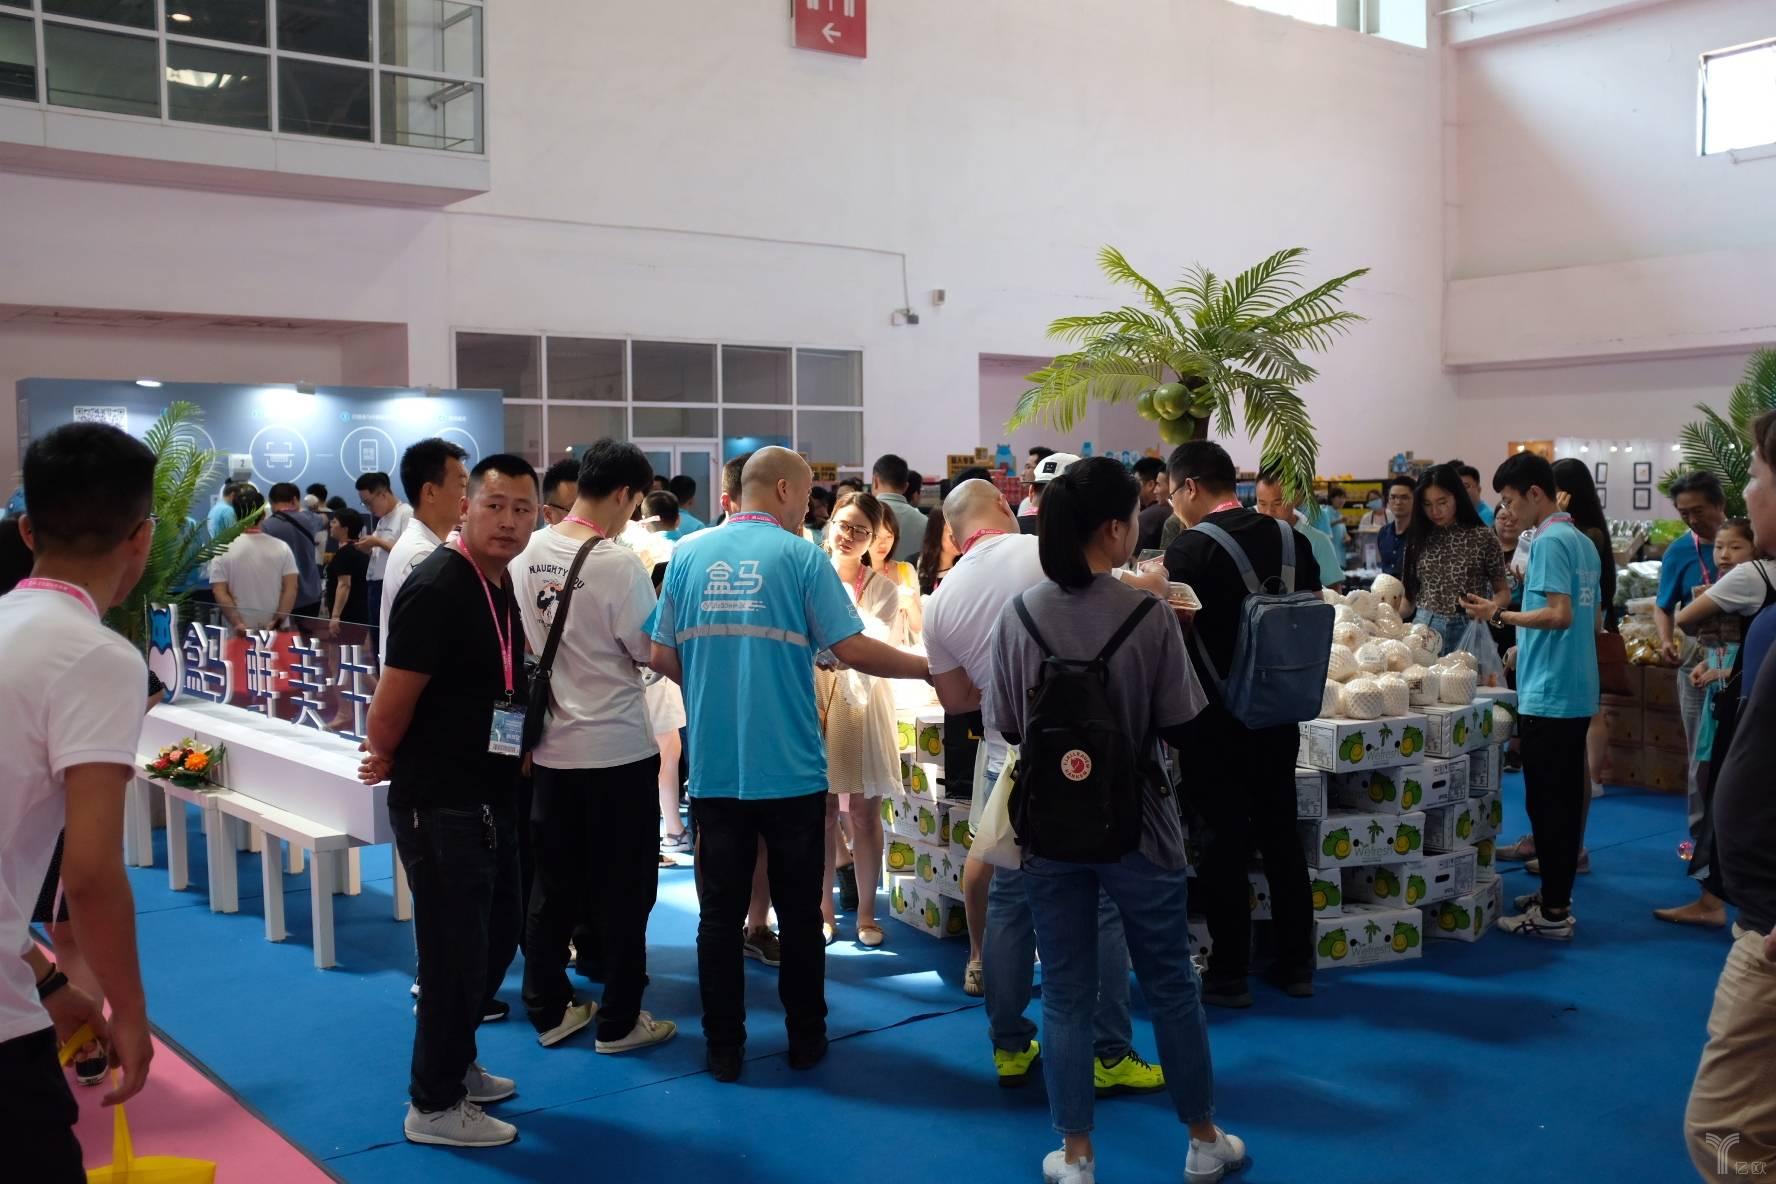 圖四:盒馬鮮生展區內的客流量